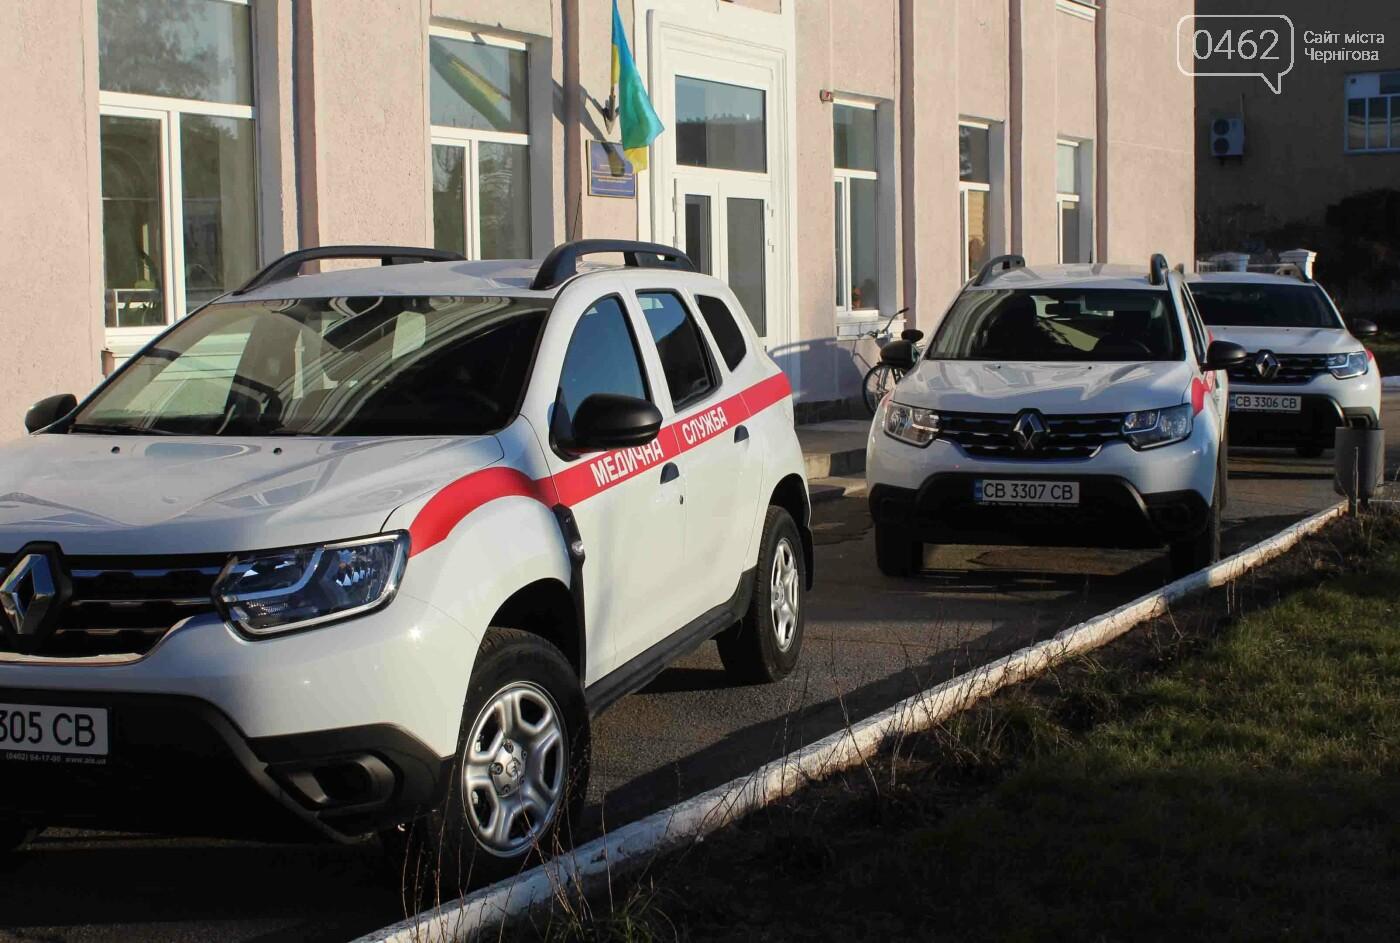 Лікарі і школярі Козелецького району отримали новий транспорт, фото-1